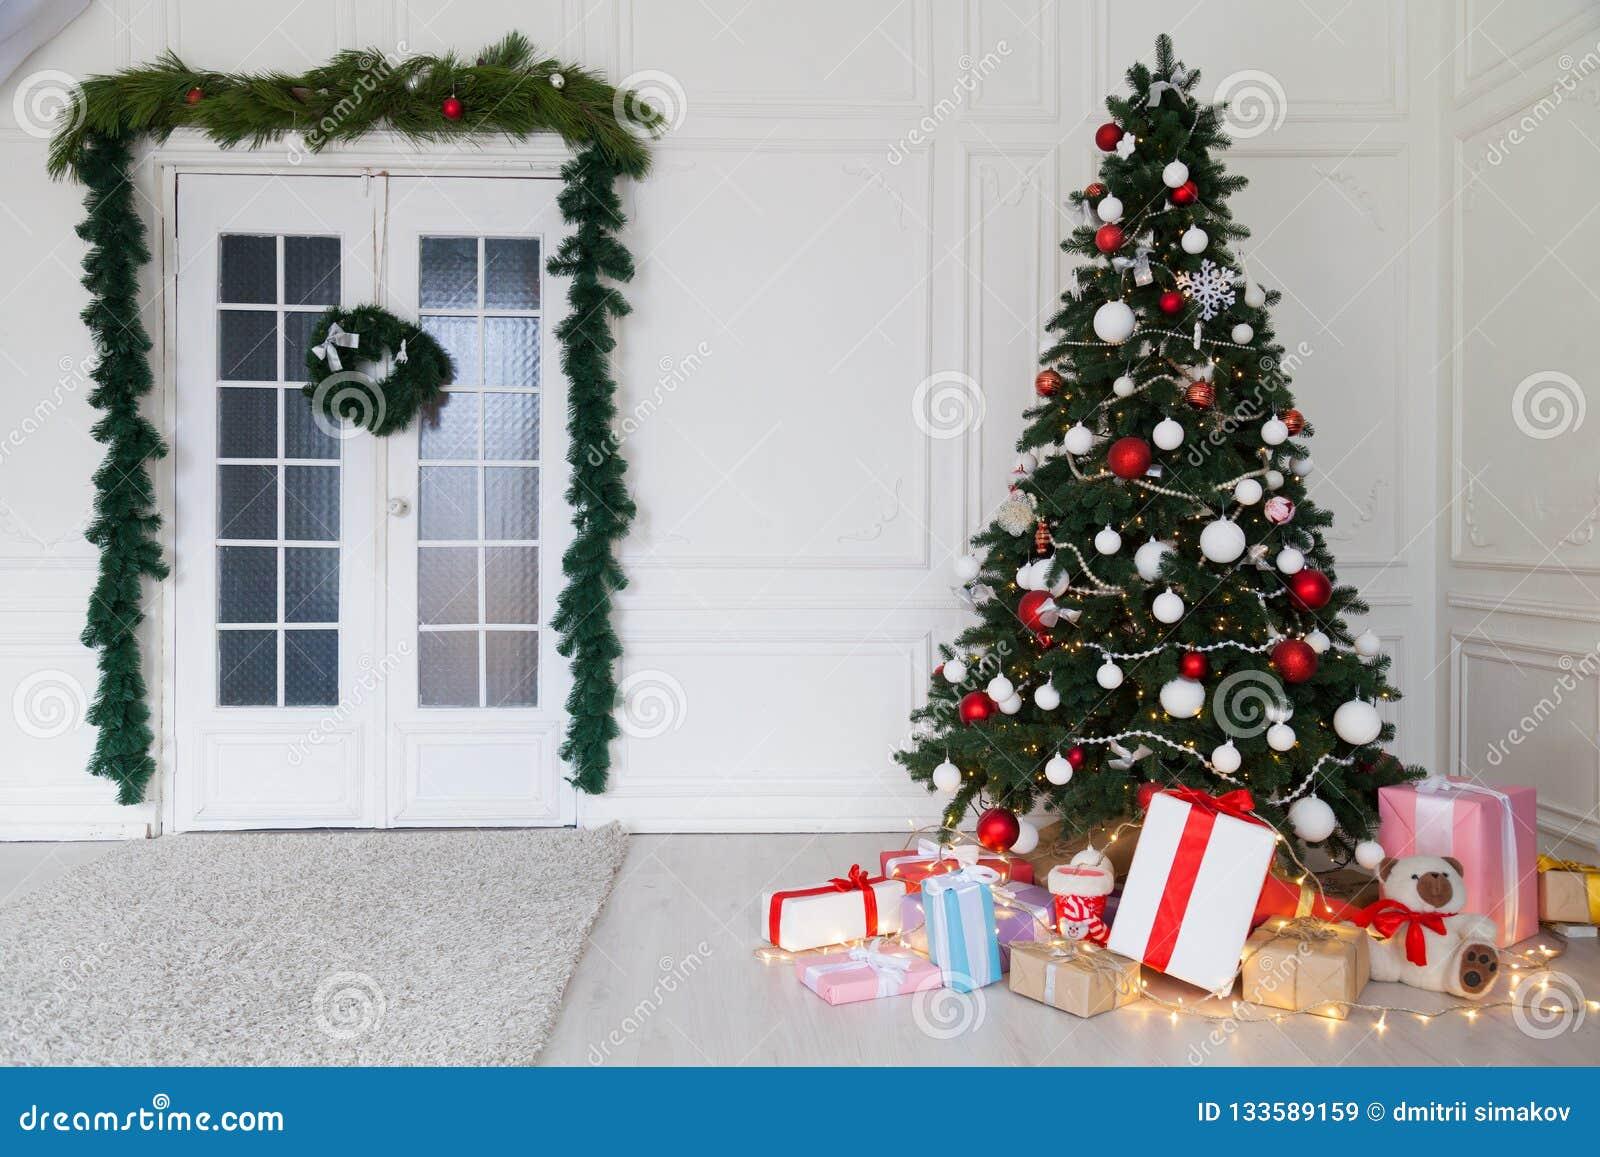 Νέα έτους χριστουγεννιάτικων δέντρων σπιτιών δώρα χειμερινών διακοπών διακοσμήσεων εσωτερικά